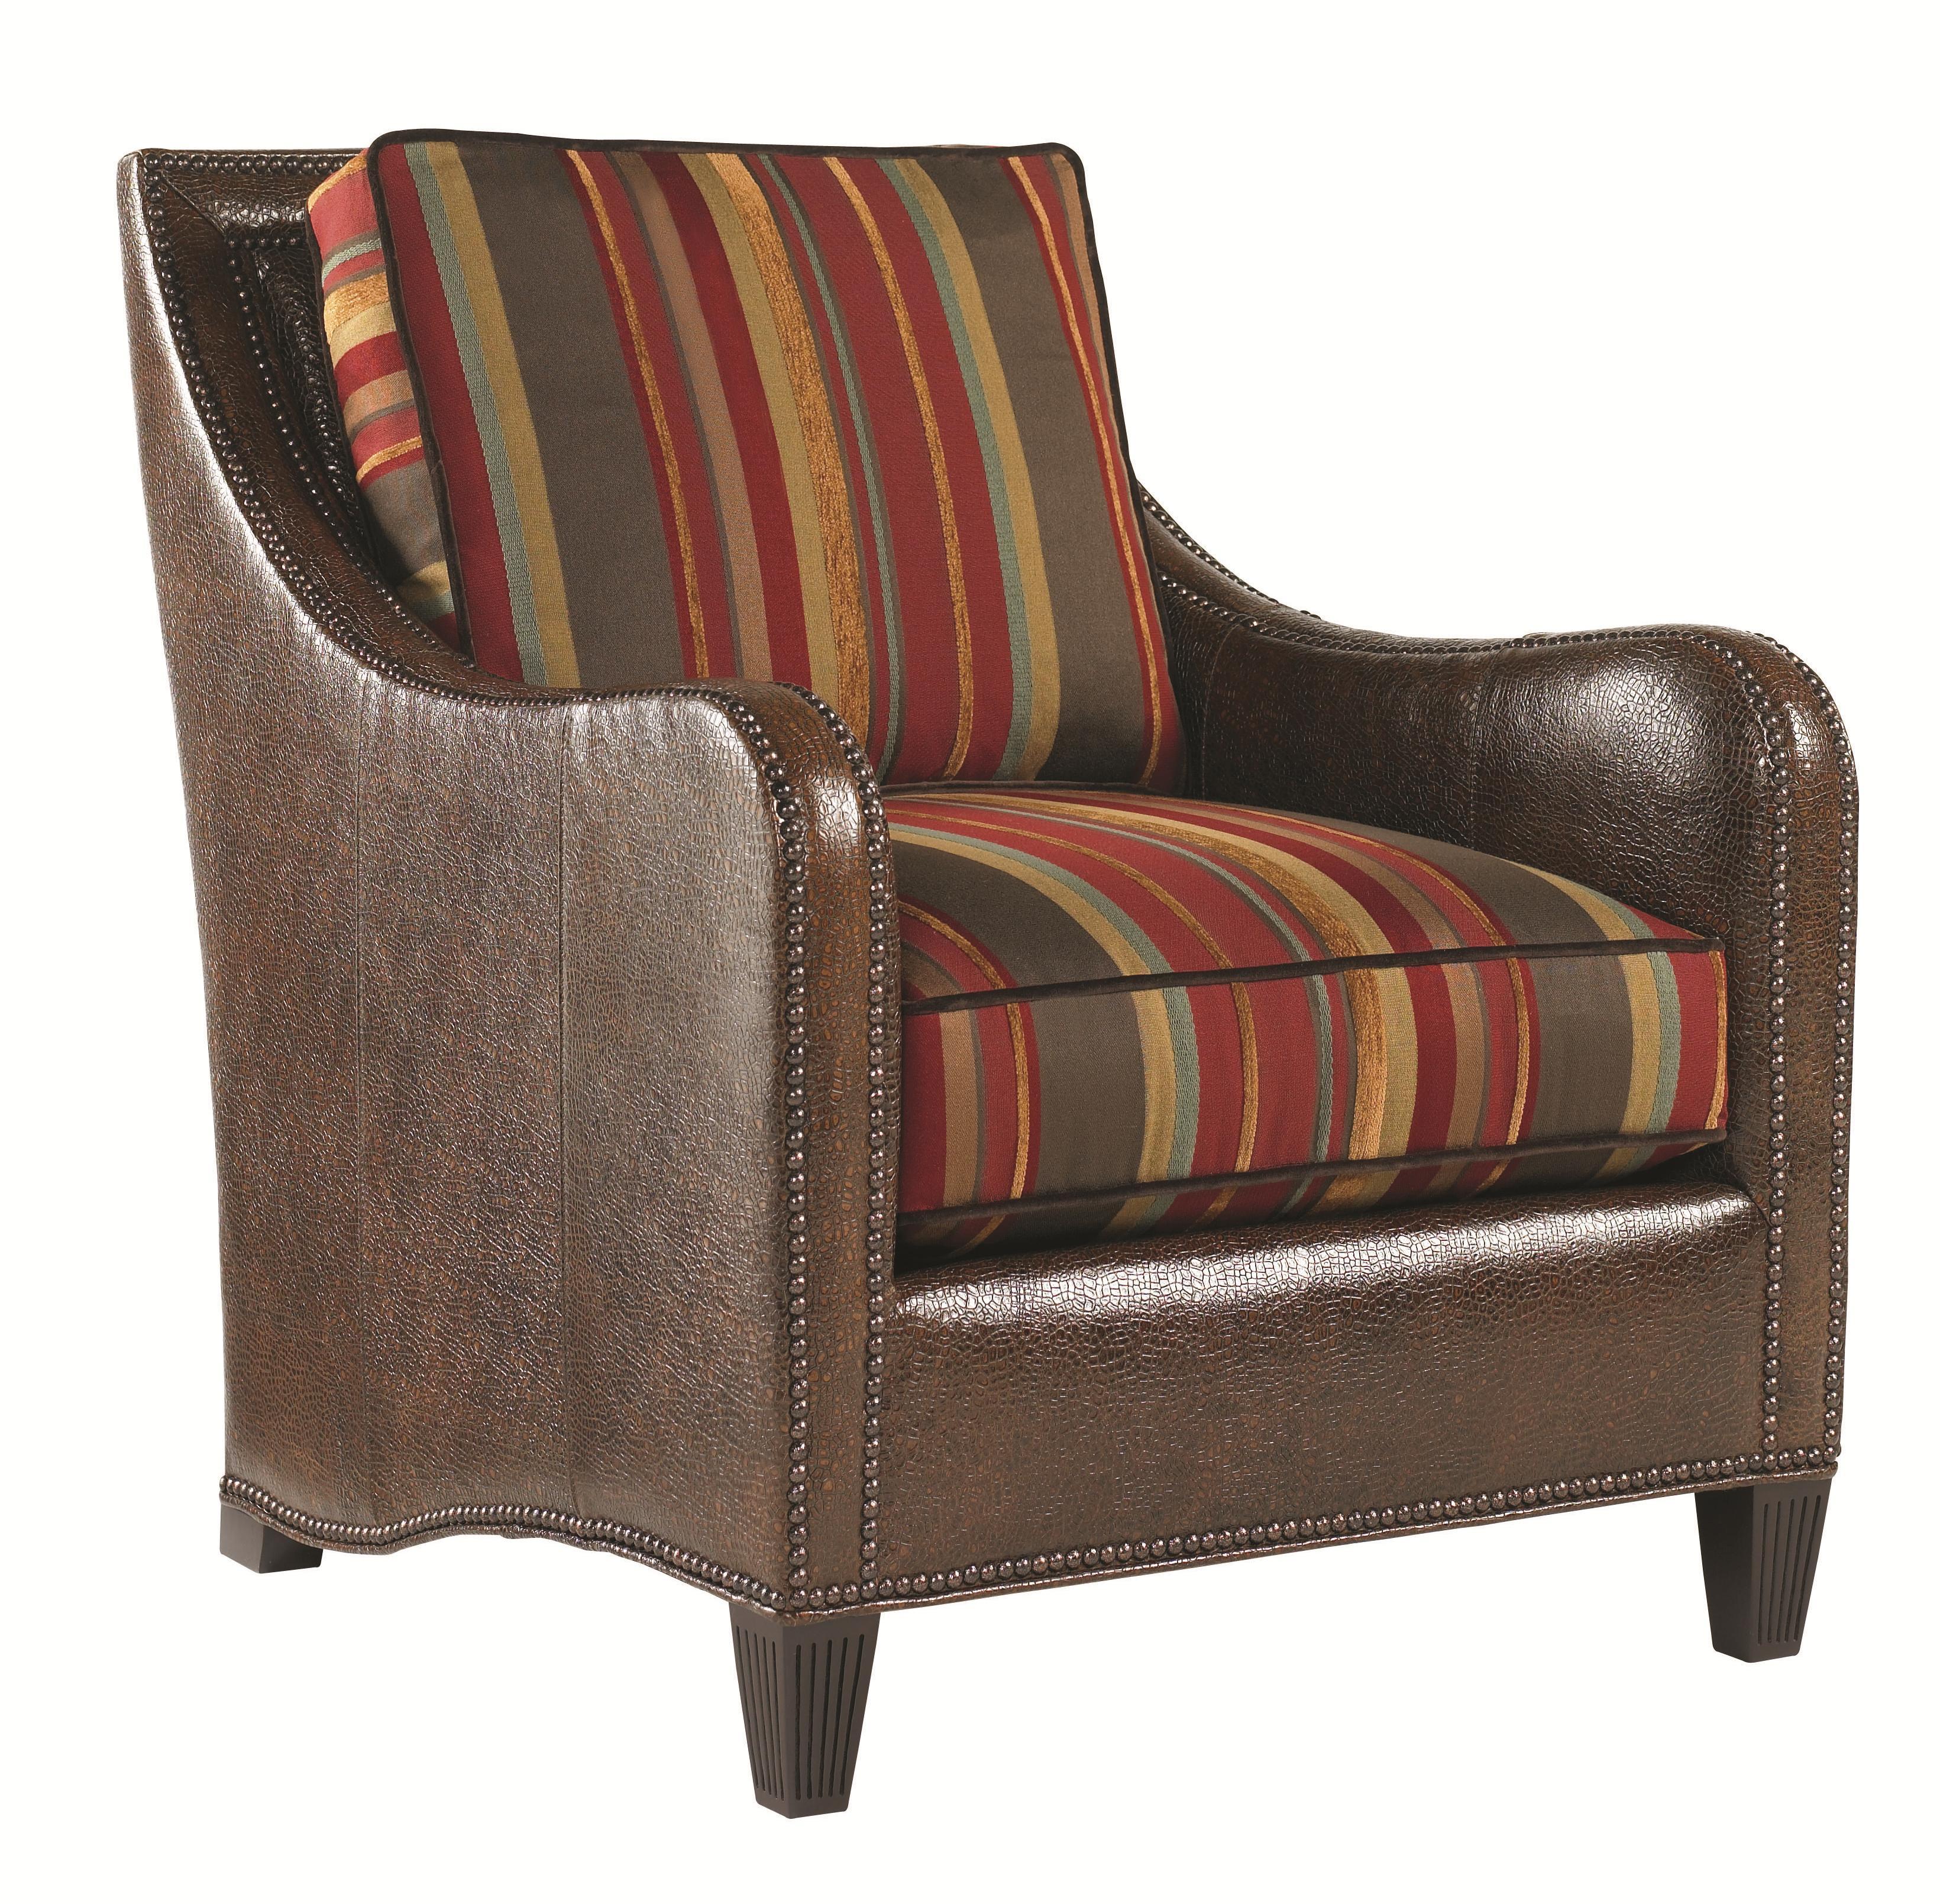 Royal Kahala Koko Chair by Tommy Bahama Home at Baer's Furniture